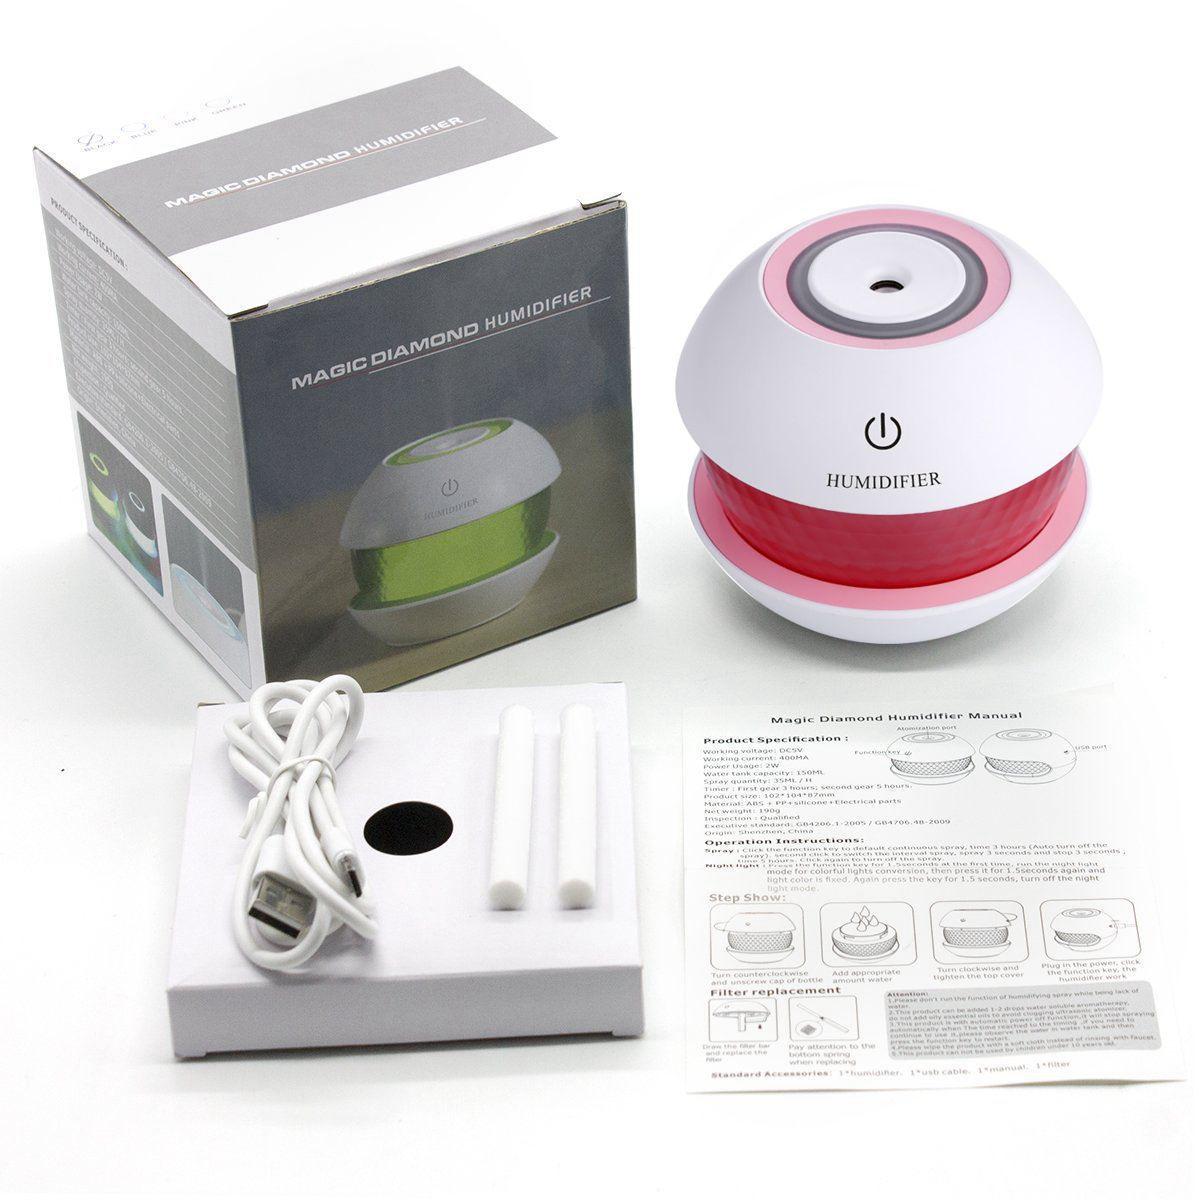 Umidificador de Ar Ultrassônico Magic Diamond Rosa  c/ Essência 2 ml / Aromatizador / Luminária c/ 7 Cores de Luzes Alternadas, Carregamento USB